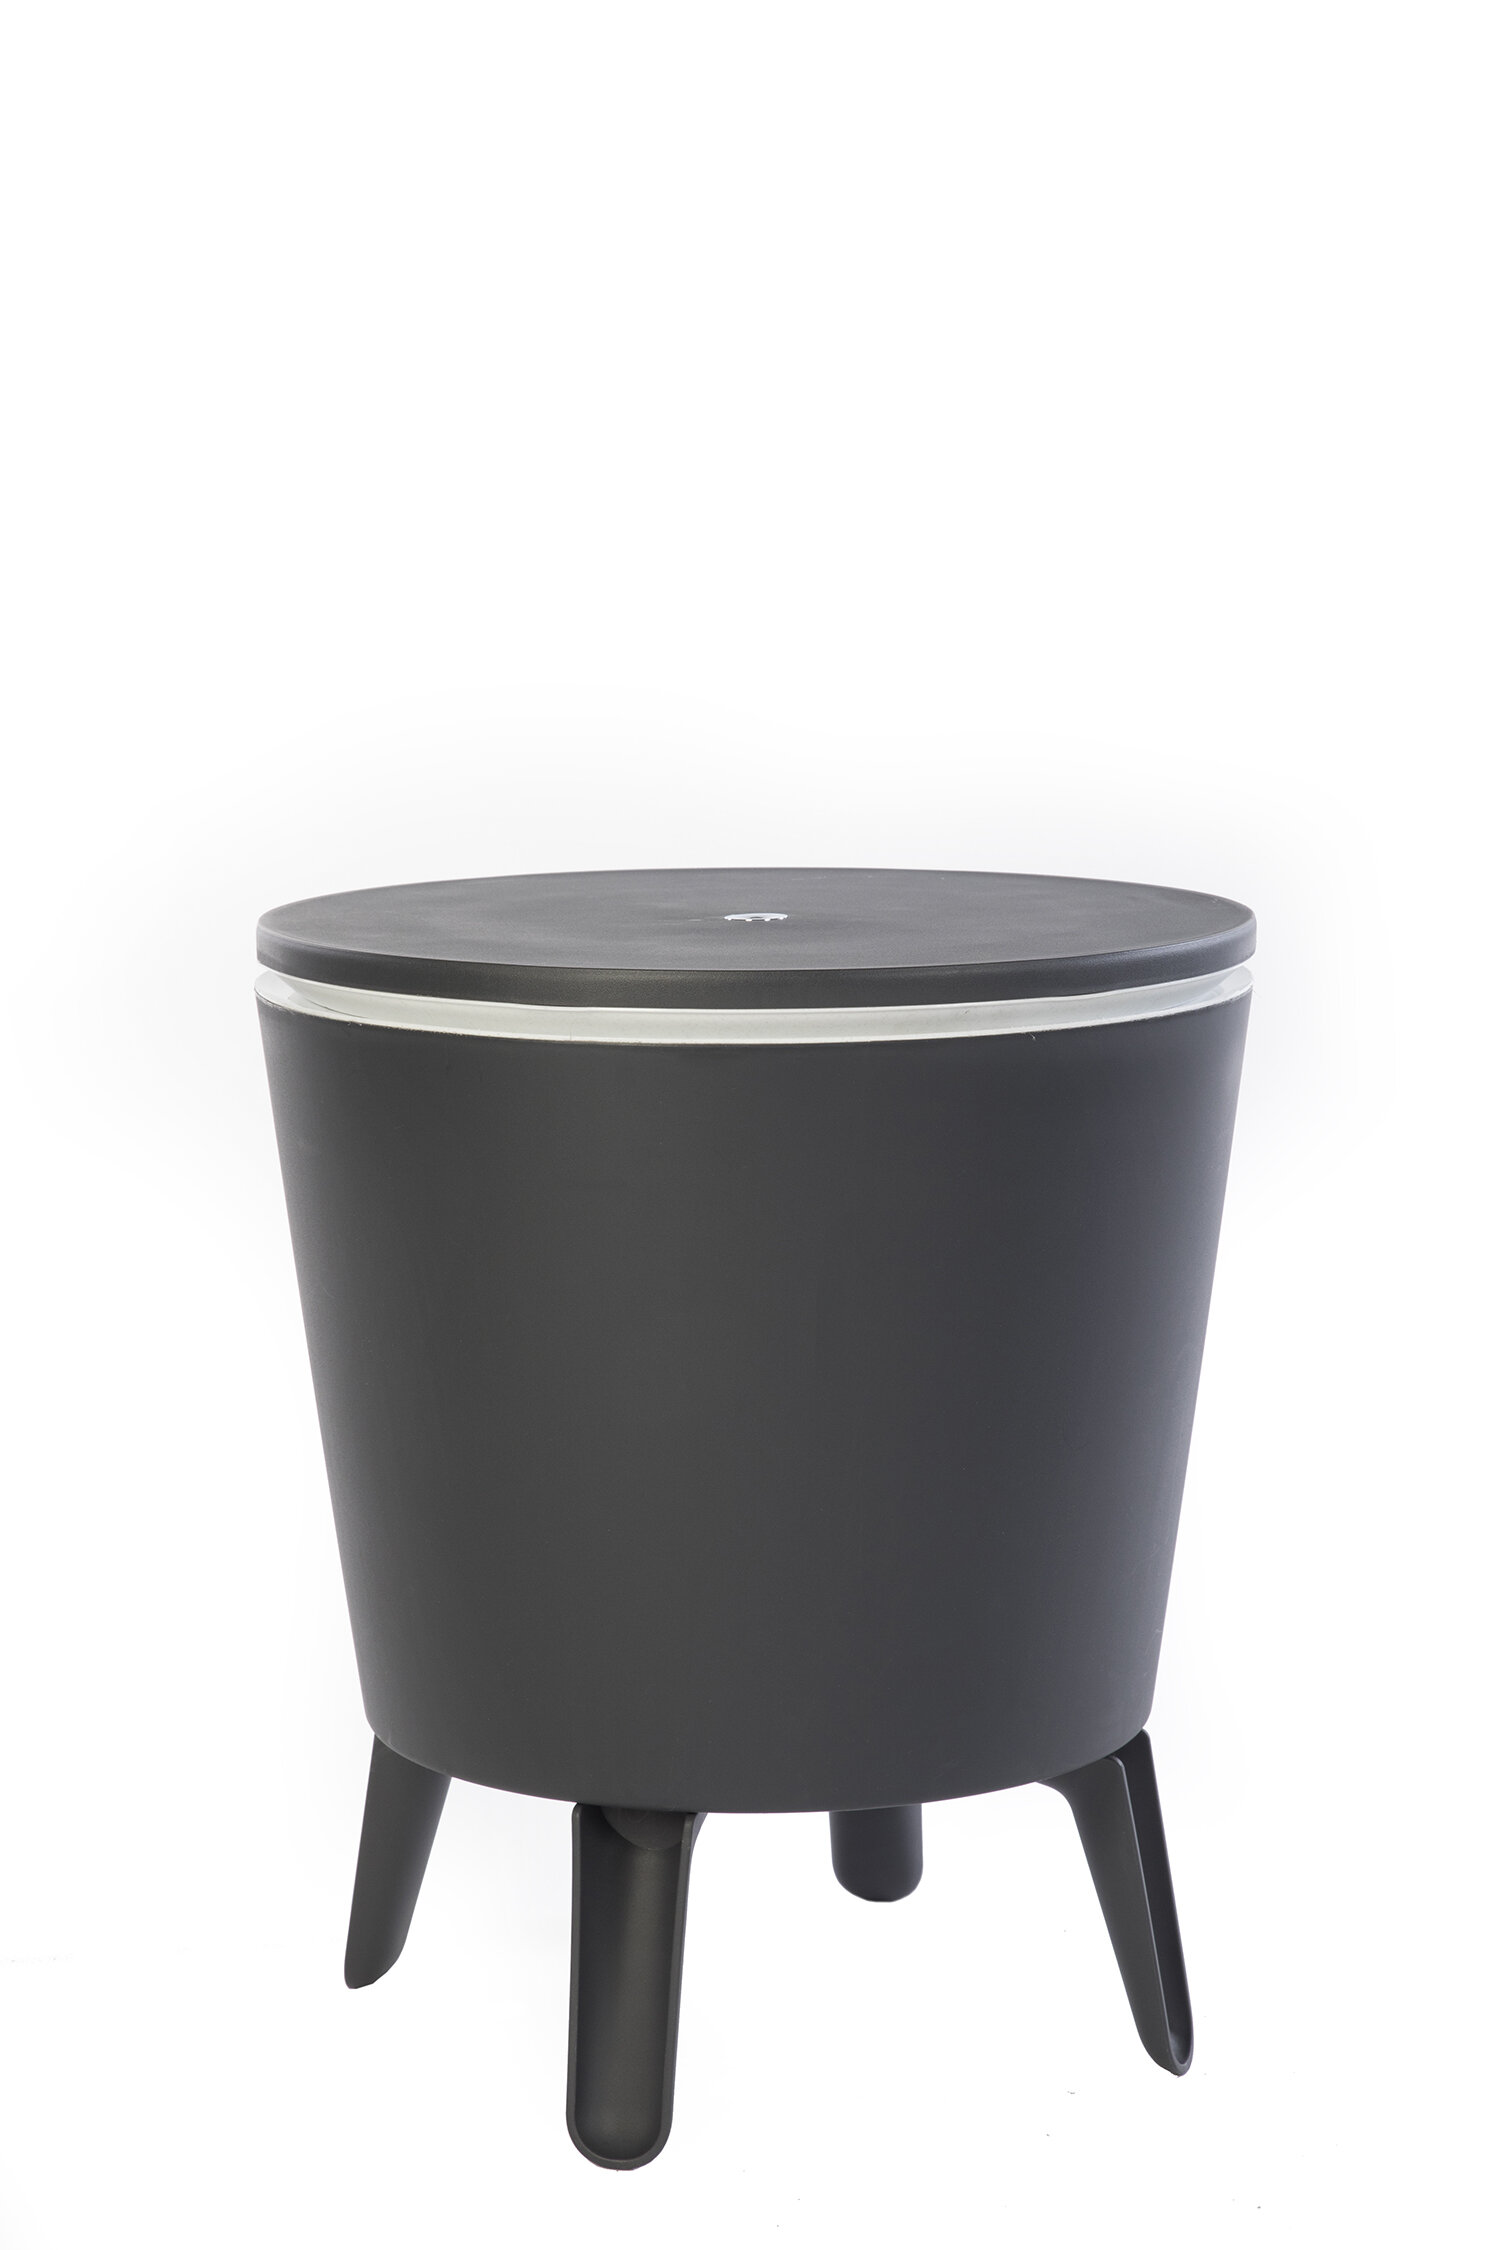 Keter 317 Qt Cooler Reviews Wayfair